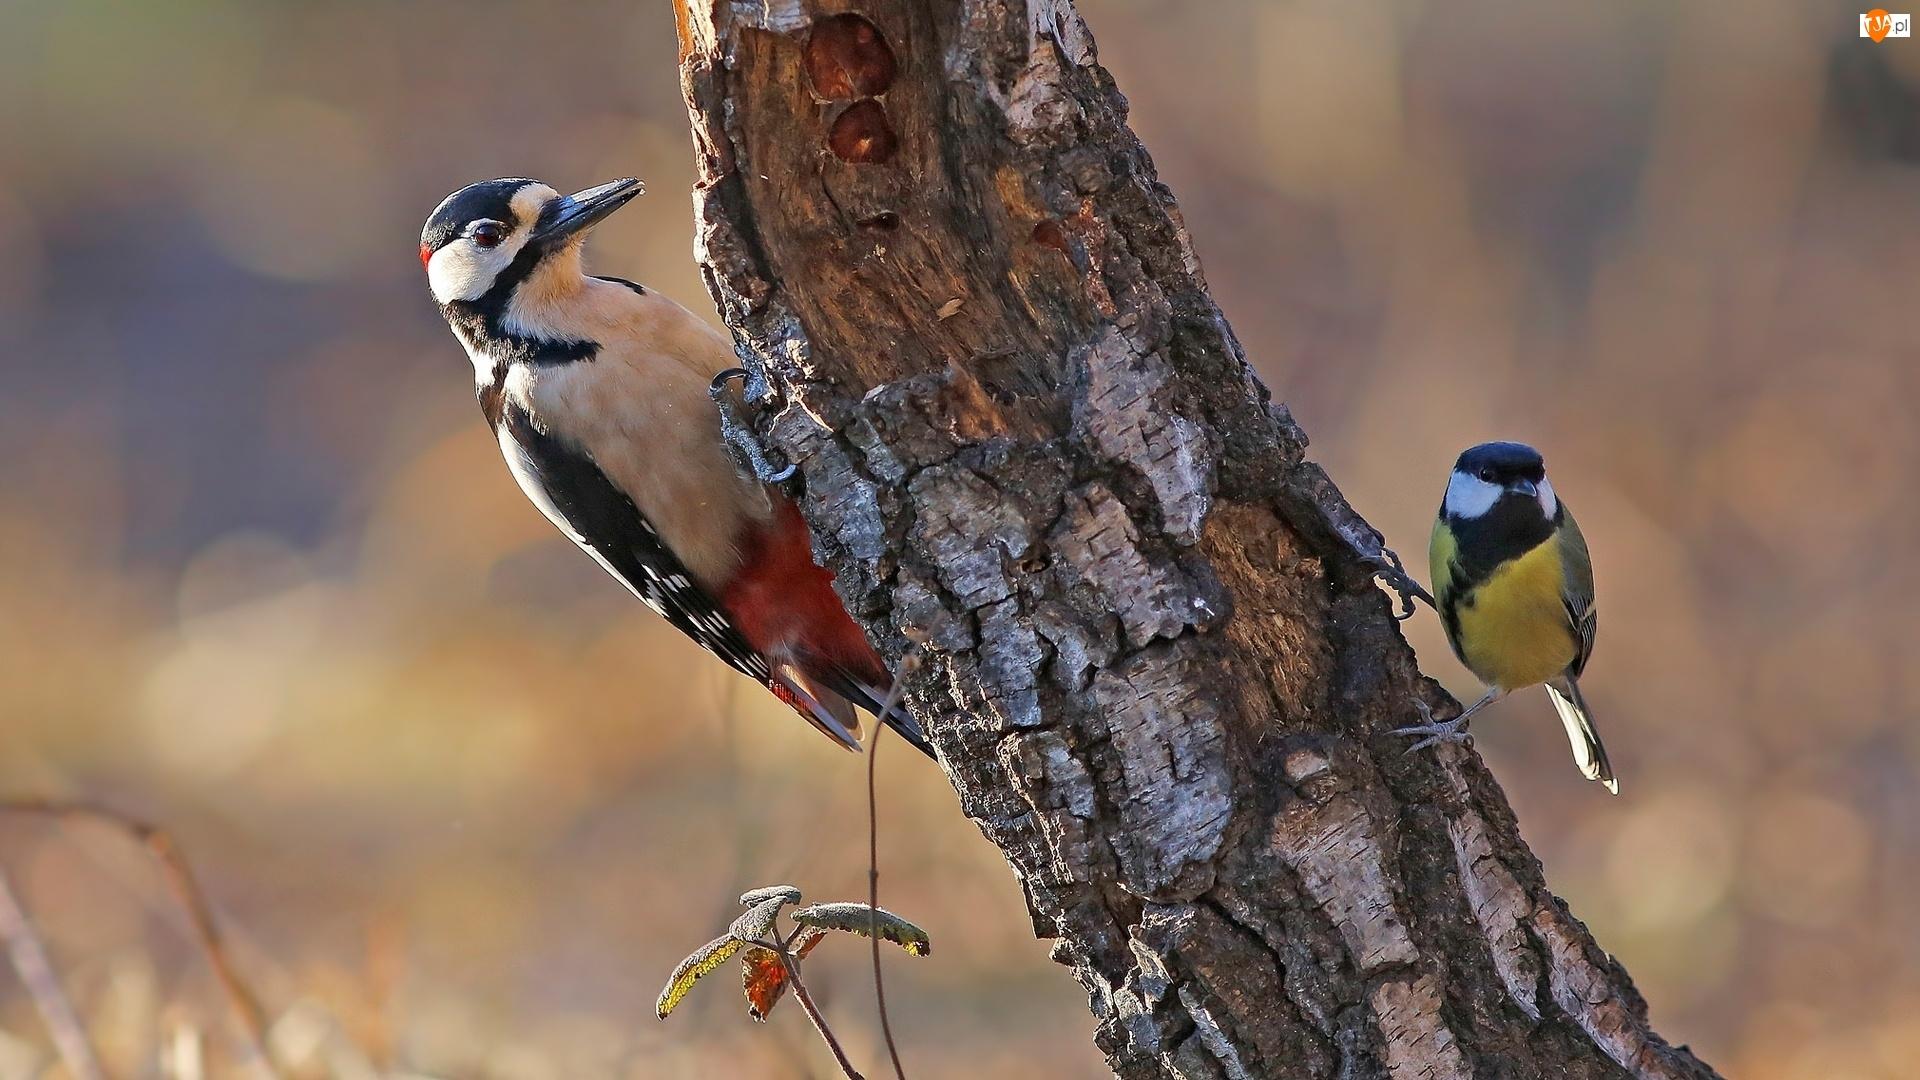 Sikorka, Ptaki, Dzięcioł